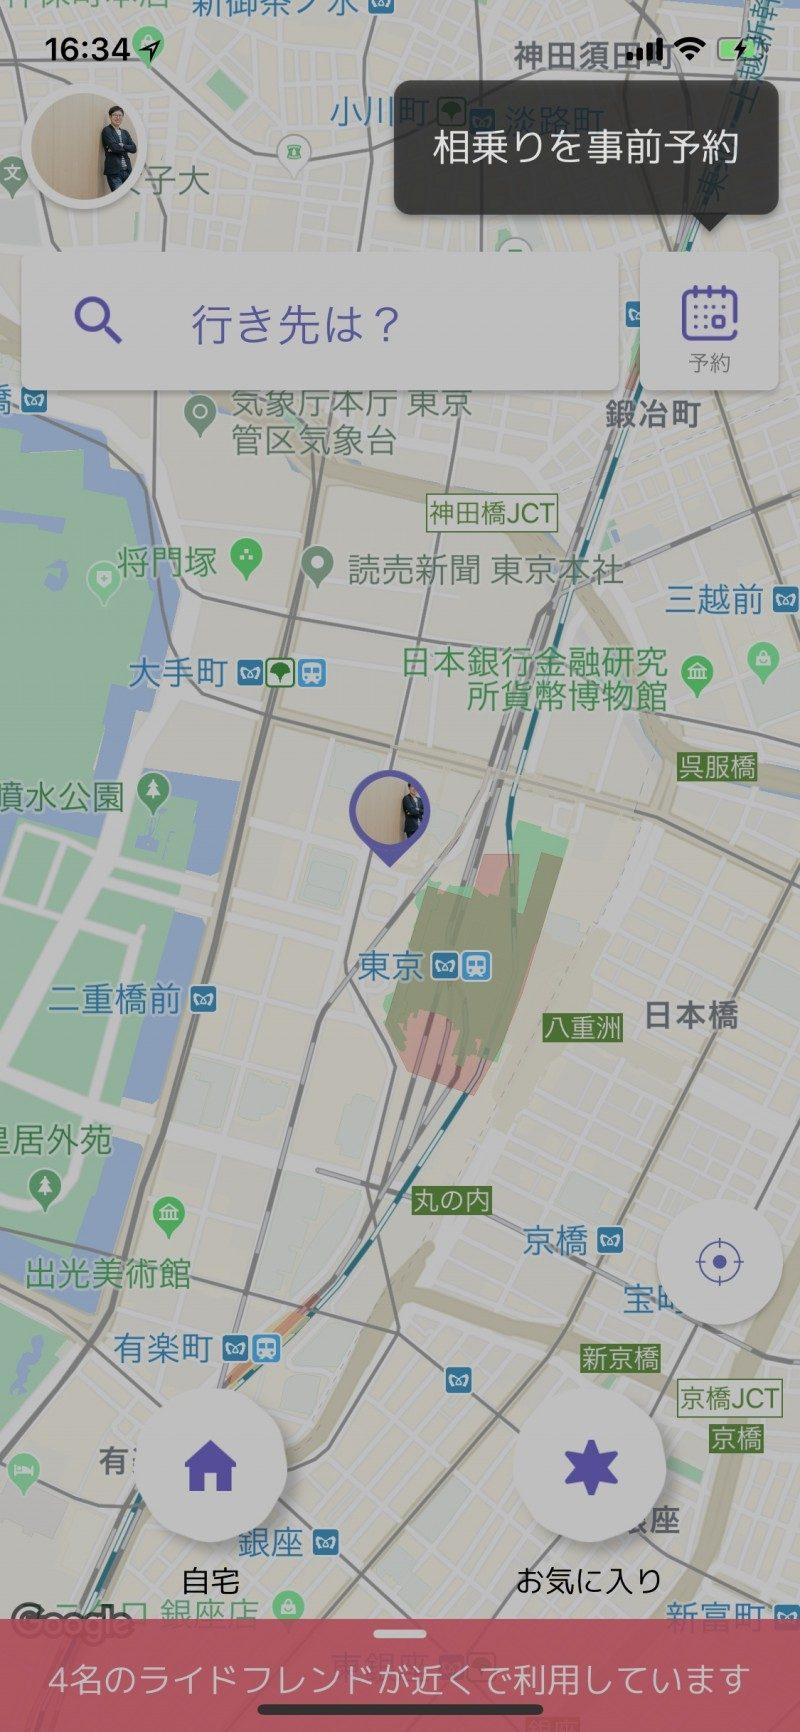 タクシー相乗りアプリ「nearMe.」1